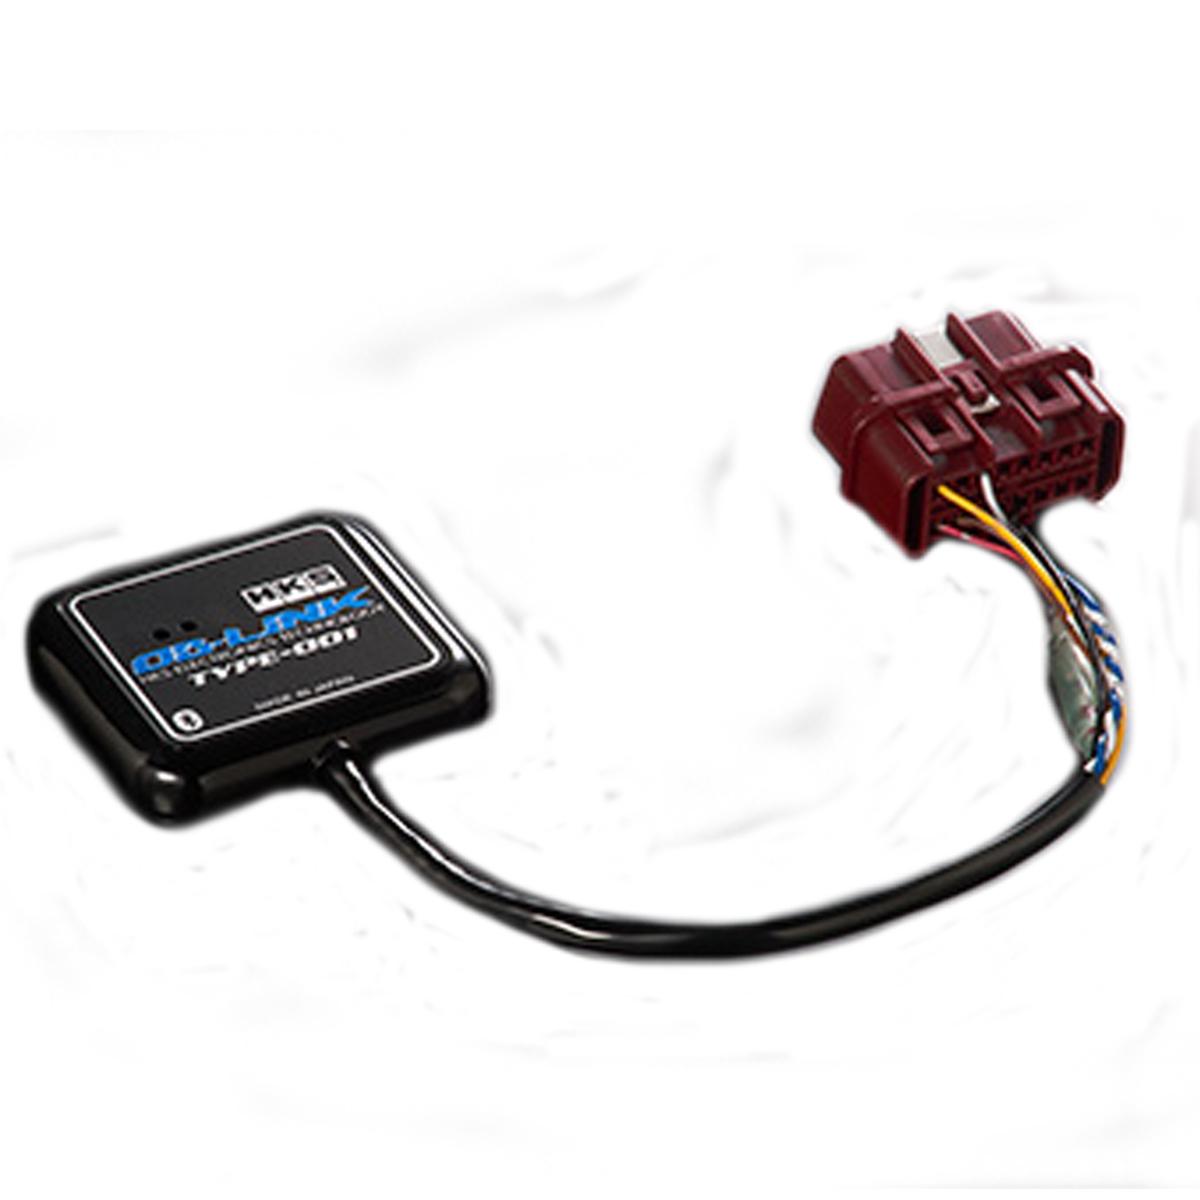 エスクード モニター OBリンク タイプ 001 TD54W HKS 44009-AK002 エレクトリニクス